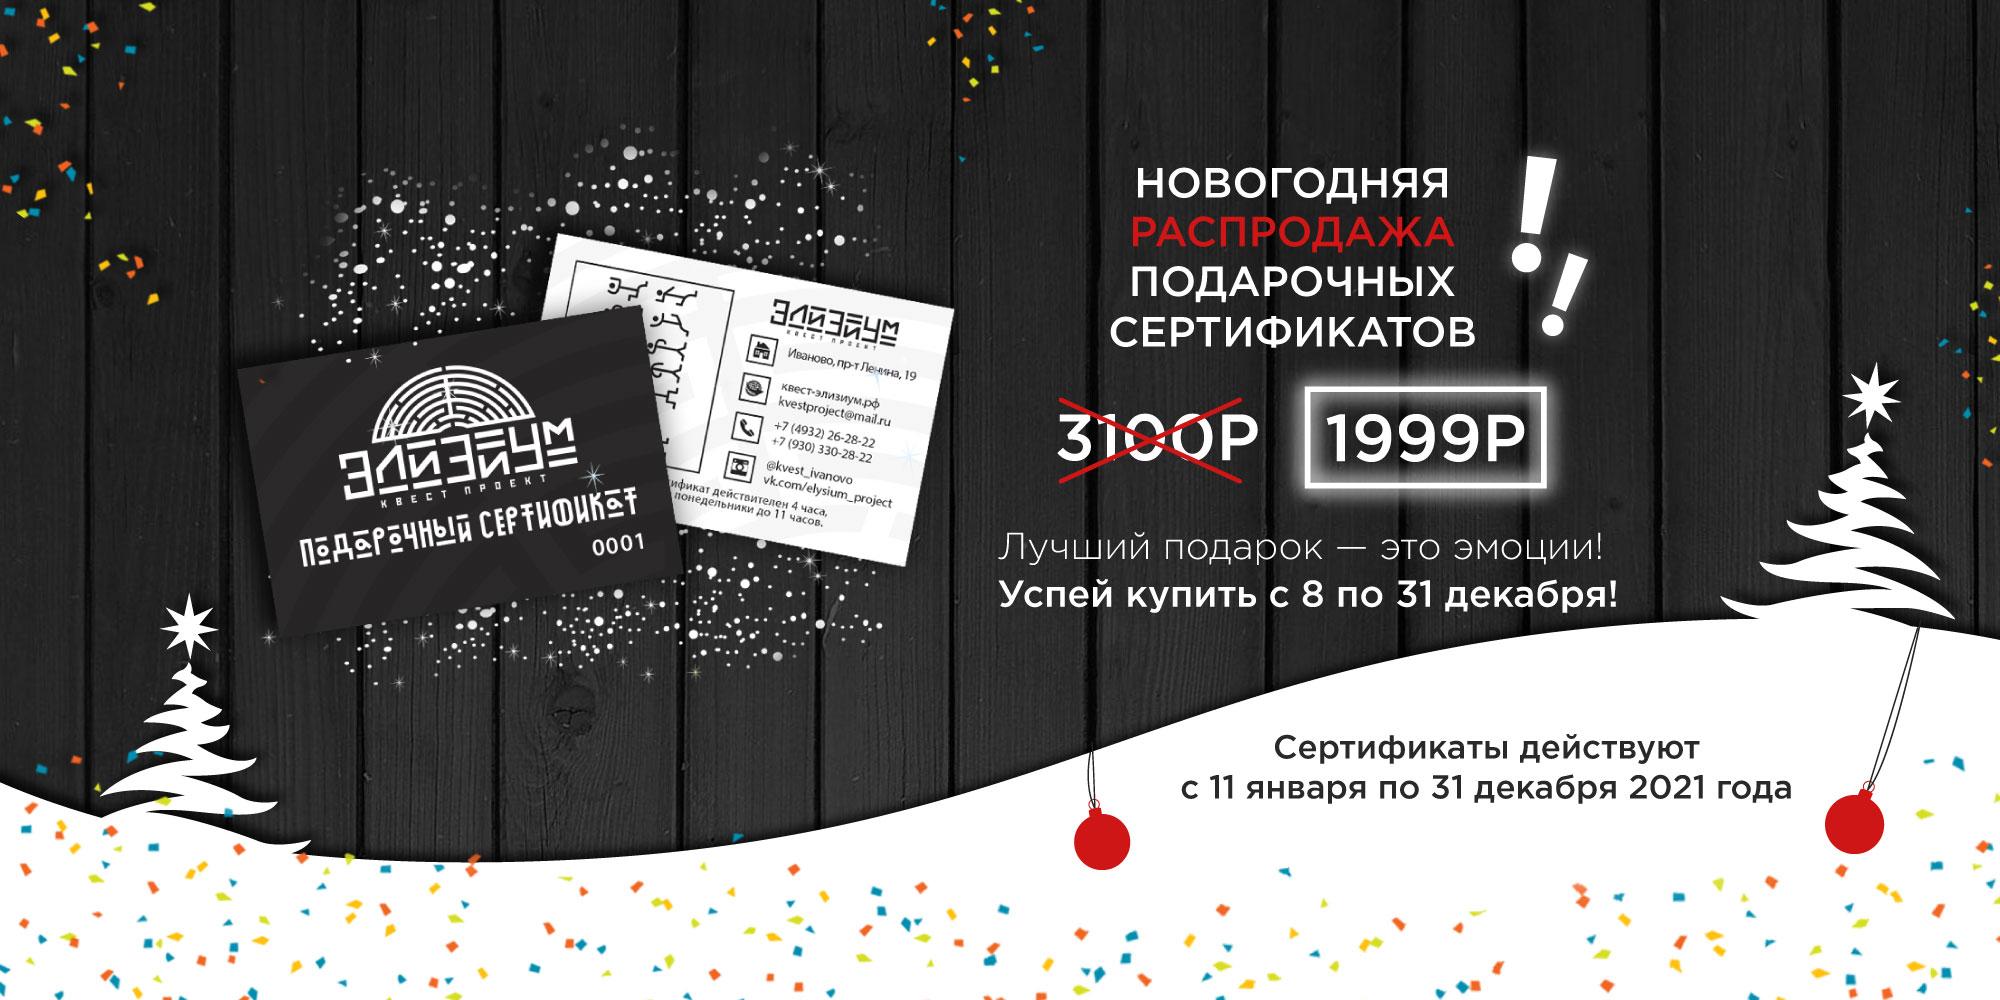 NG-Sert-2000-1000 (1)